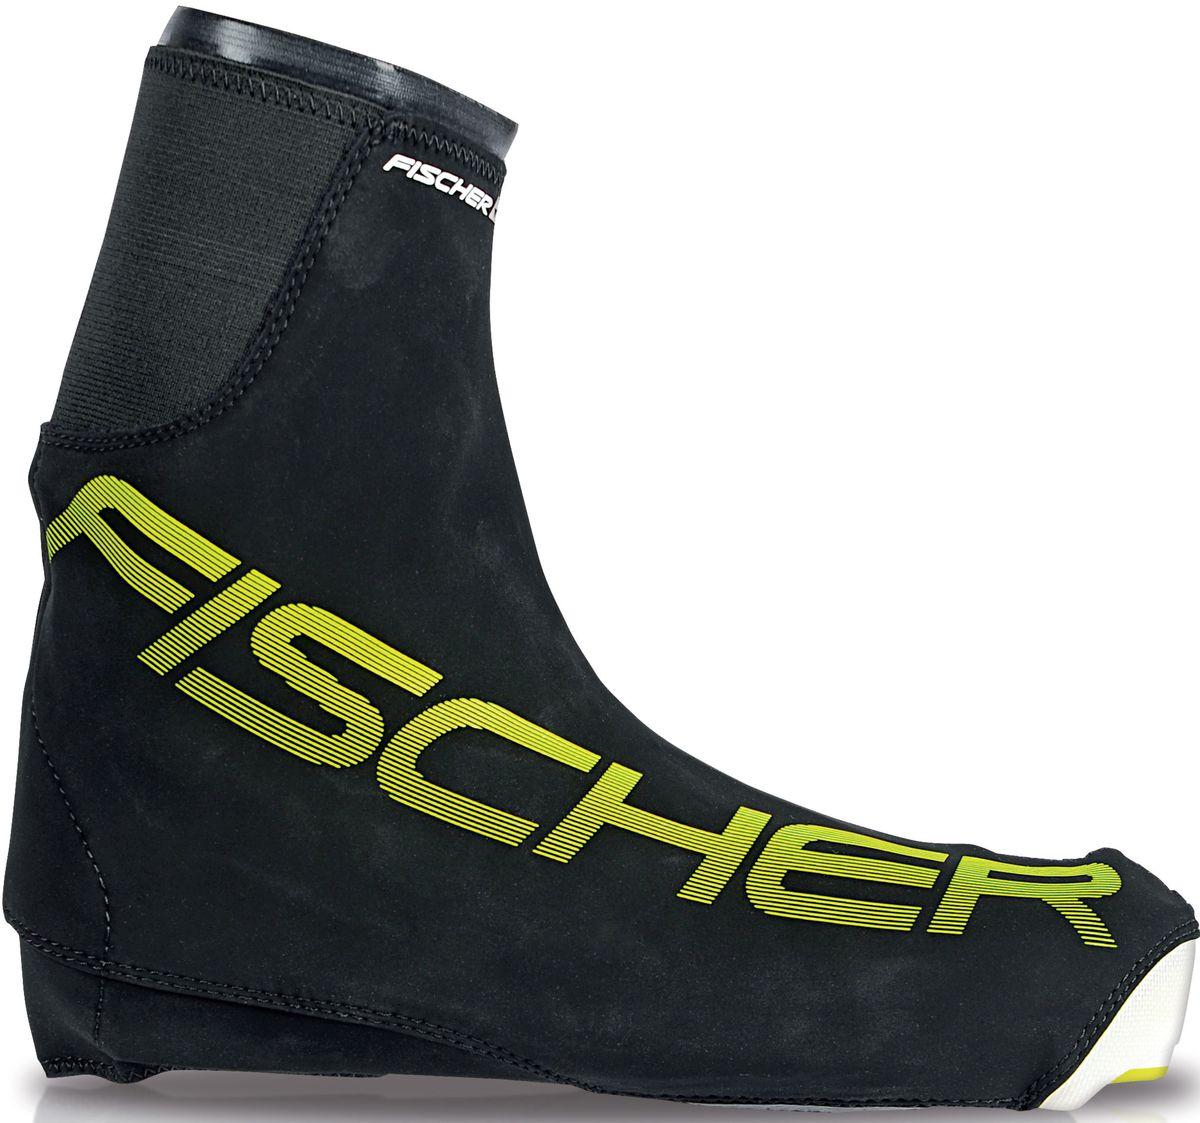 Чехлы для лыжных ботинок Fischer Bootcover Race, размер XXL. S43115NN75 KidsчПрактичный и удобный чехол для лыжных ботинок Fischer BootCover Race станет незаменимым помощником на тренировках, разминках и просто в холодную погоду. Он надежно защитит ноги от холода и влаги.